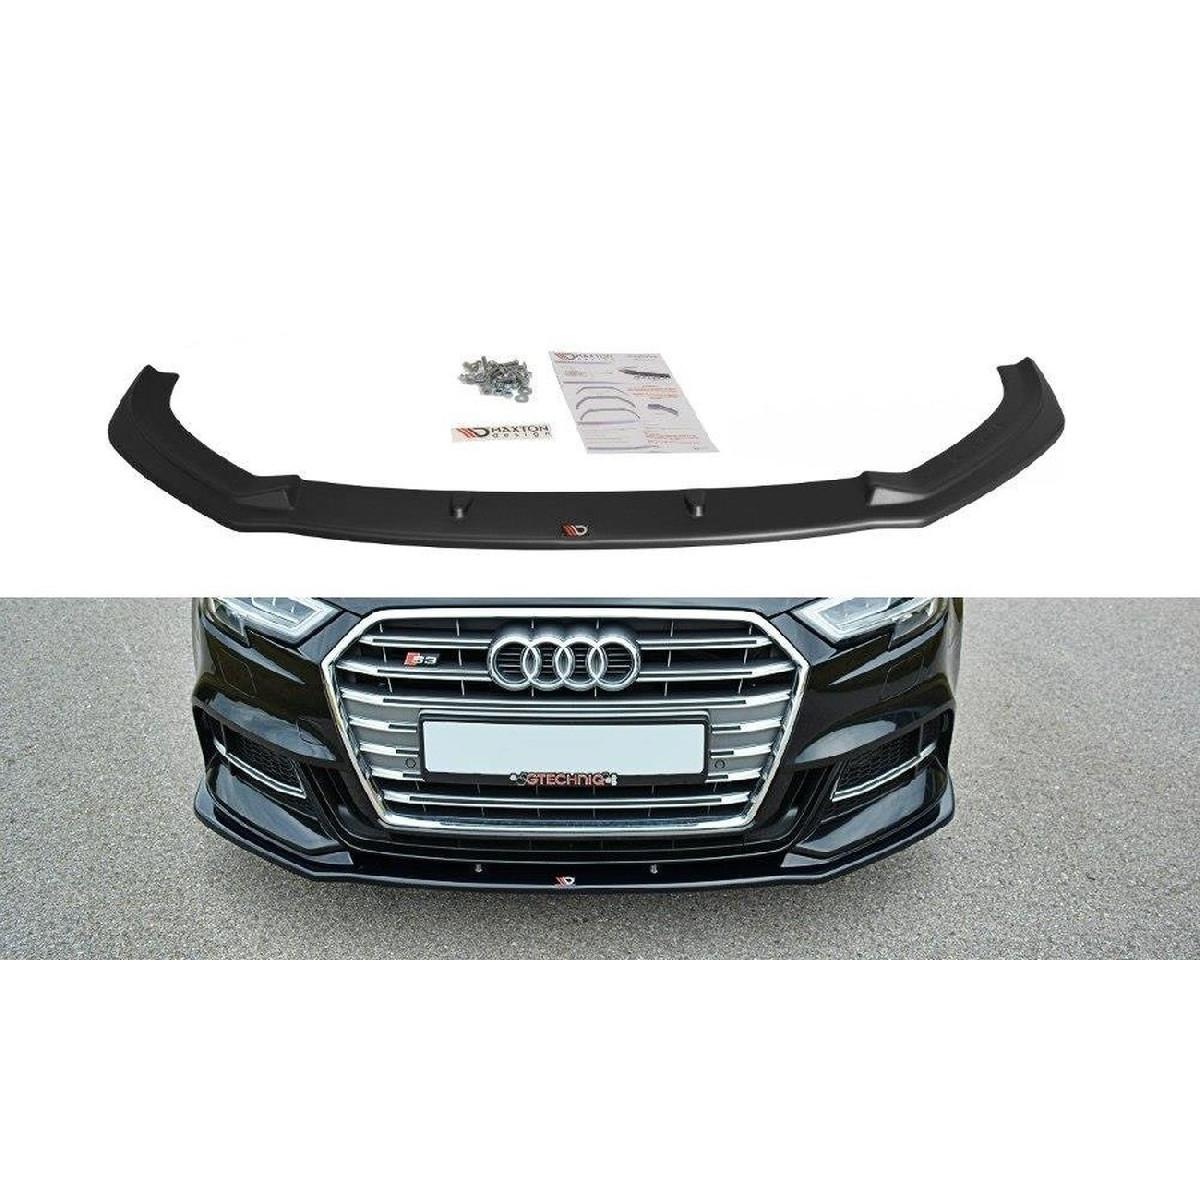 Cup Spoilerlippe Front Ansatz für V.1 Audi S3 / A3 S-Line 8V FL schwarz matt